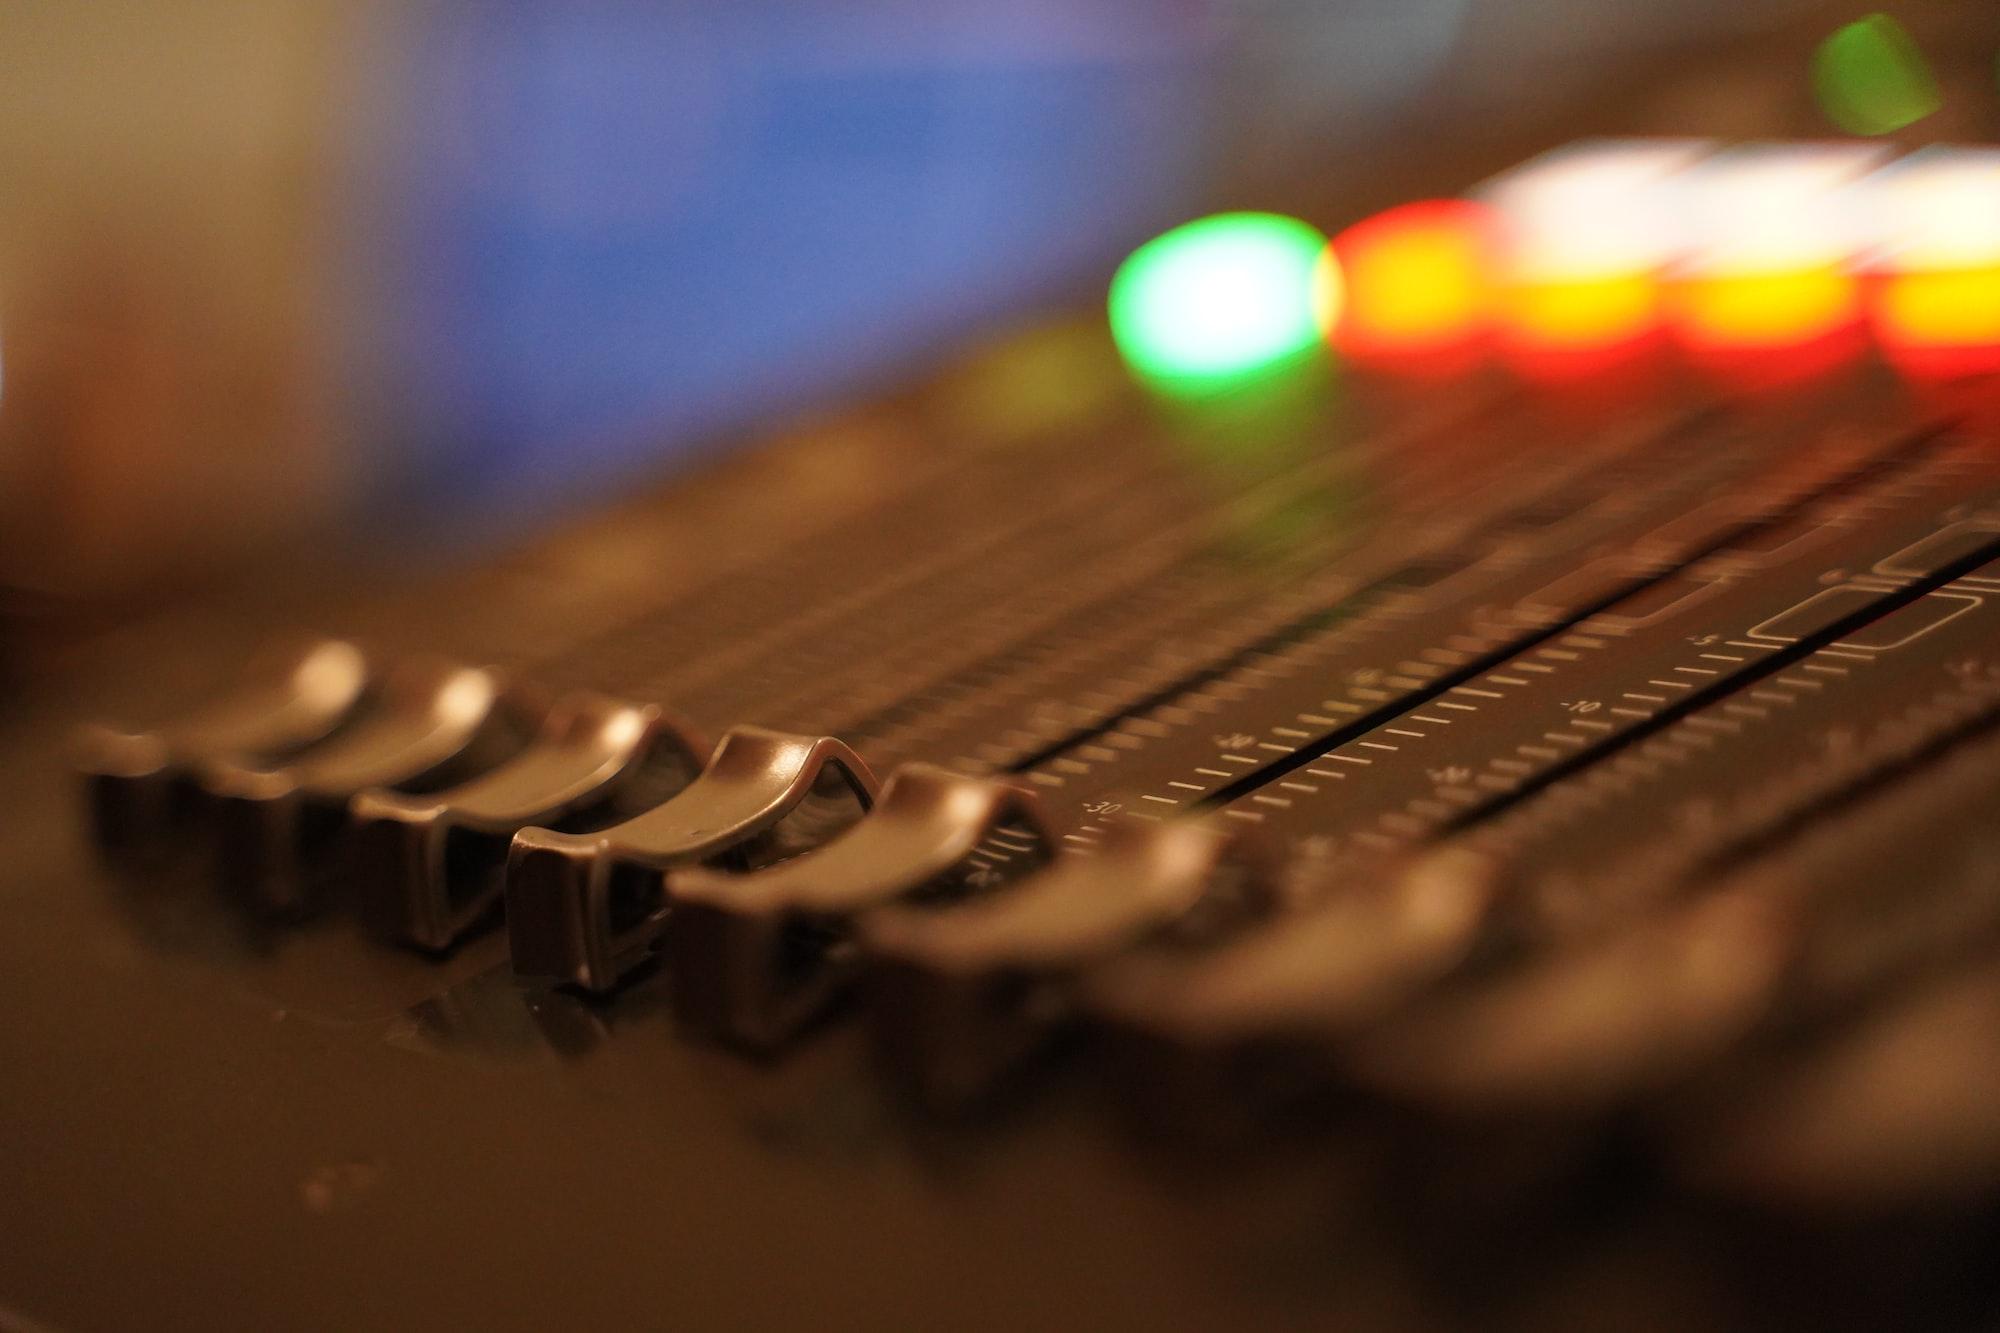 #5 迟早更新「窄播时代」: 一集谈论关于播客的播客的播客